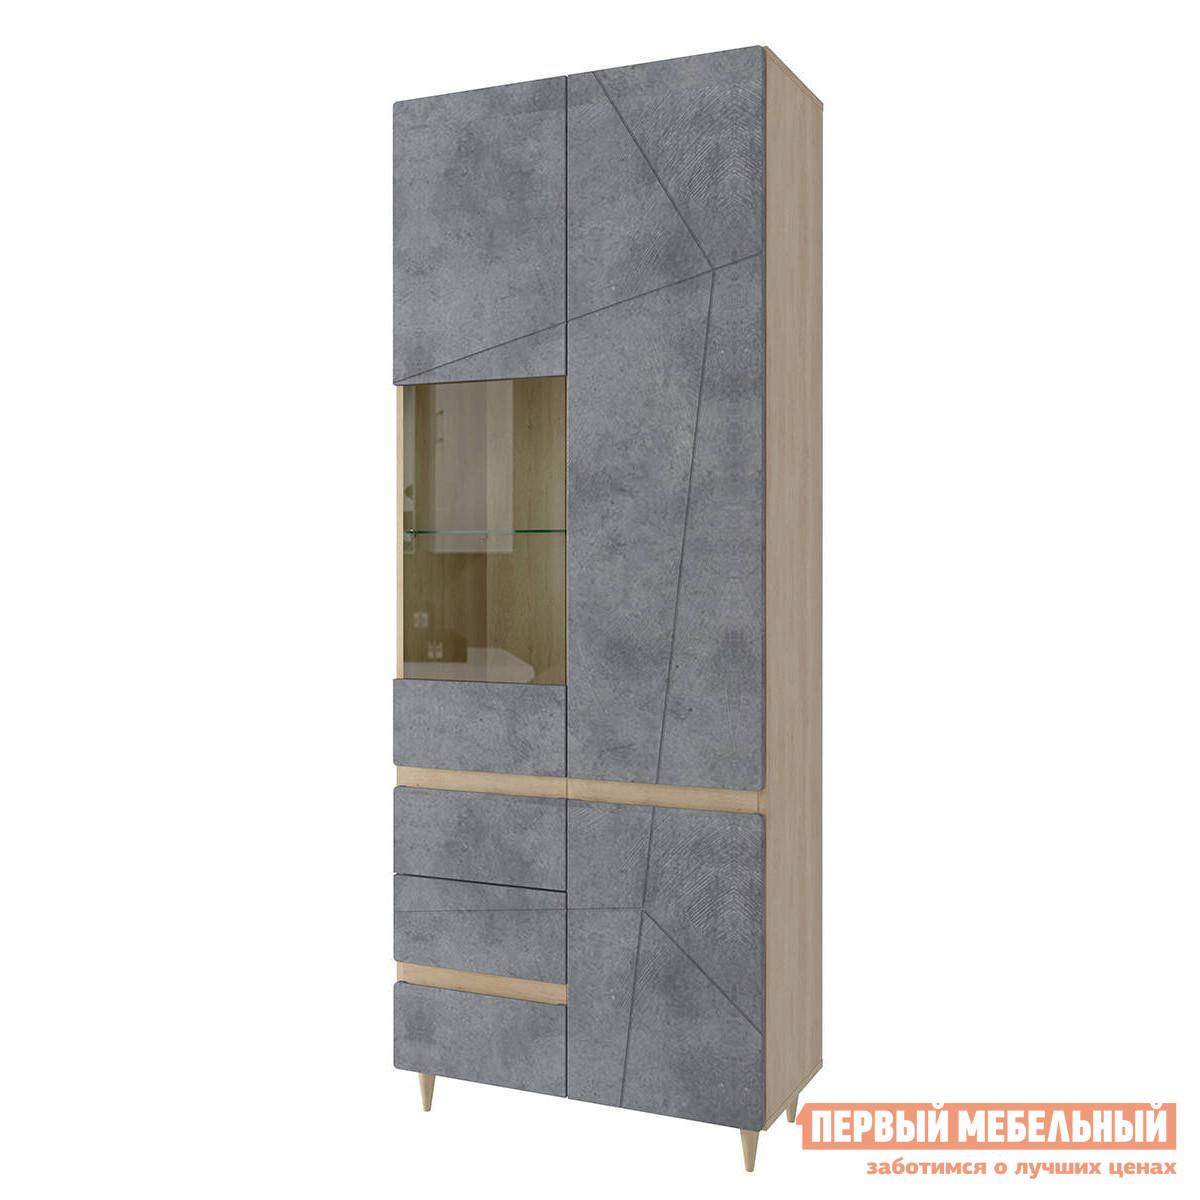 Шкаф-витрина Первый Мебельный Шкаф витрина Самурай